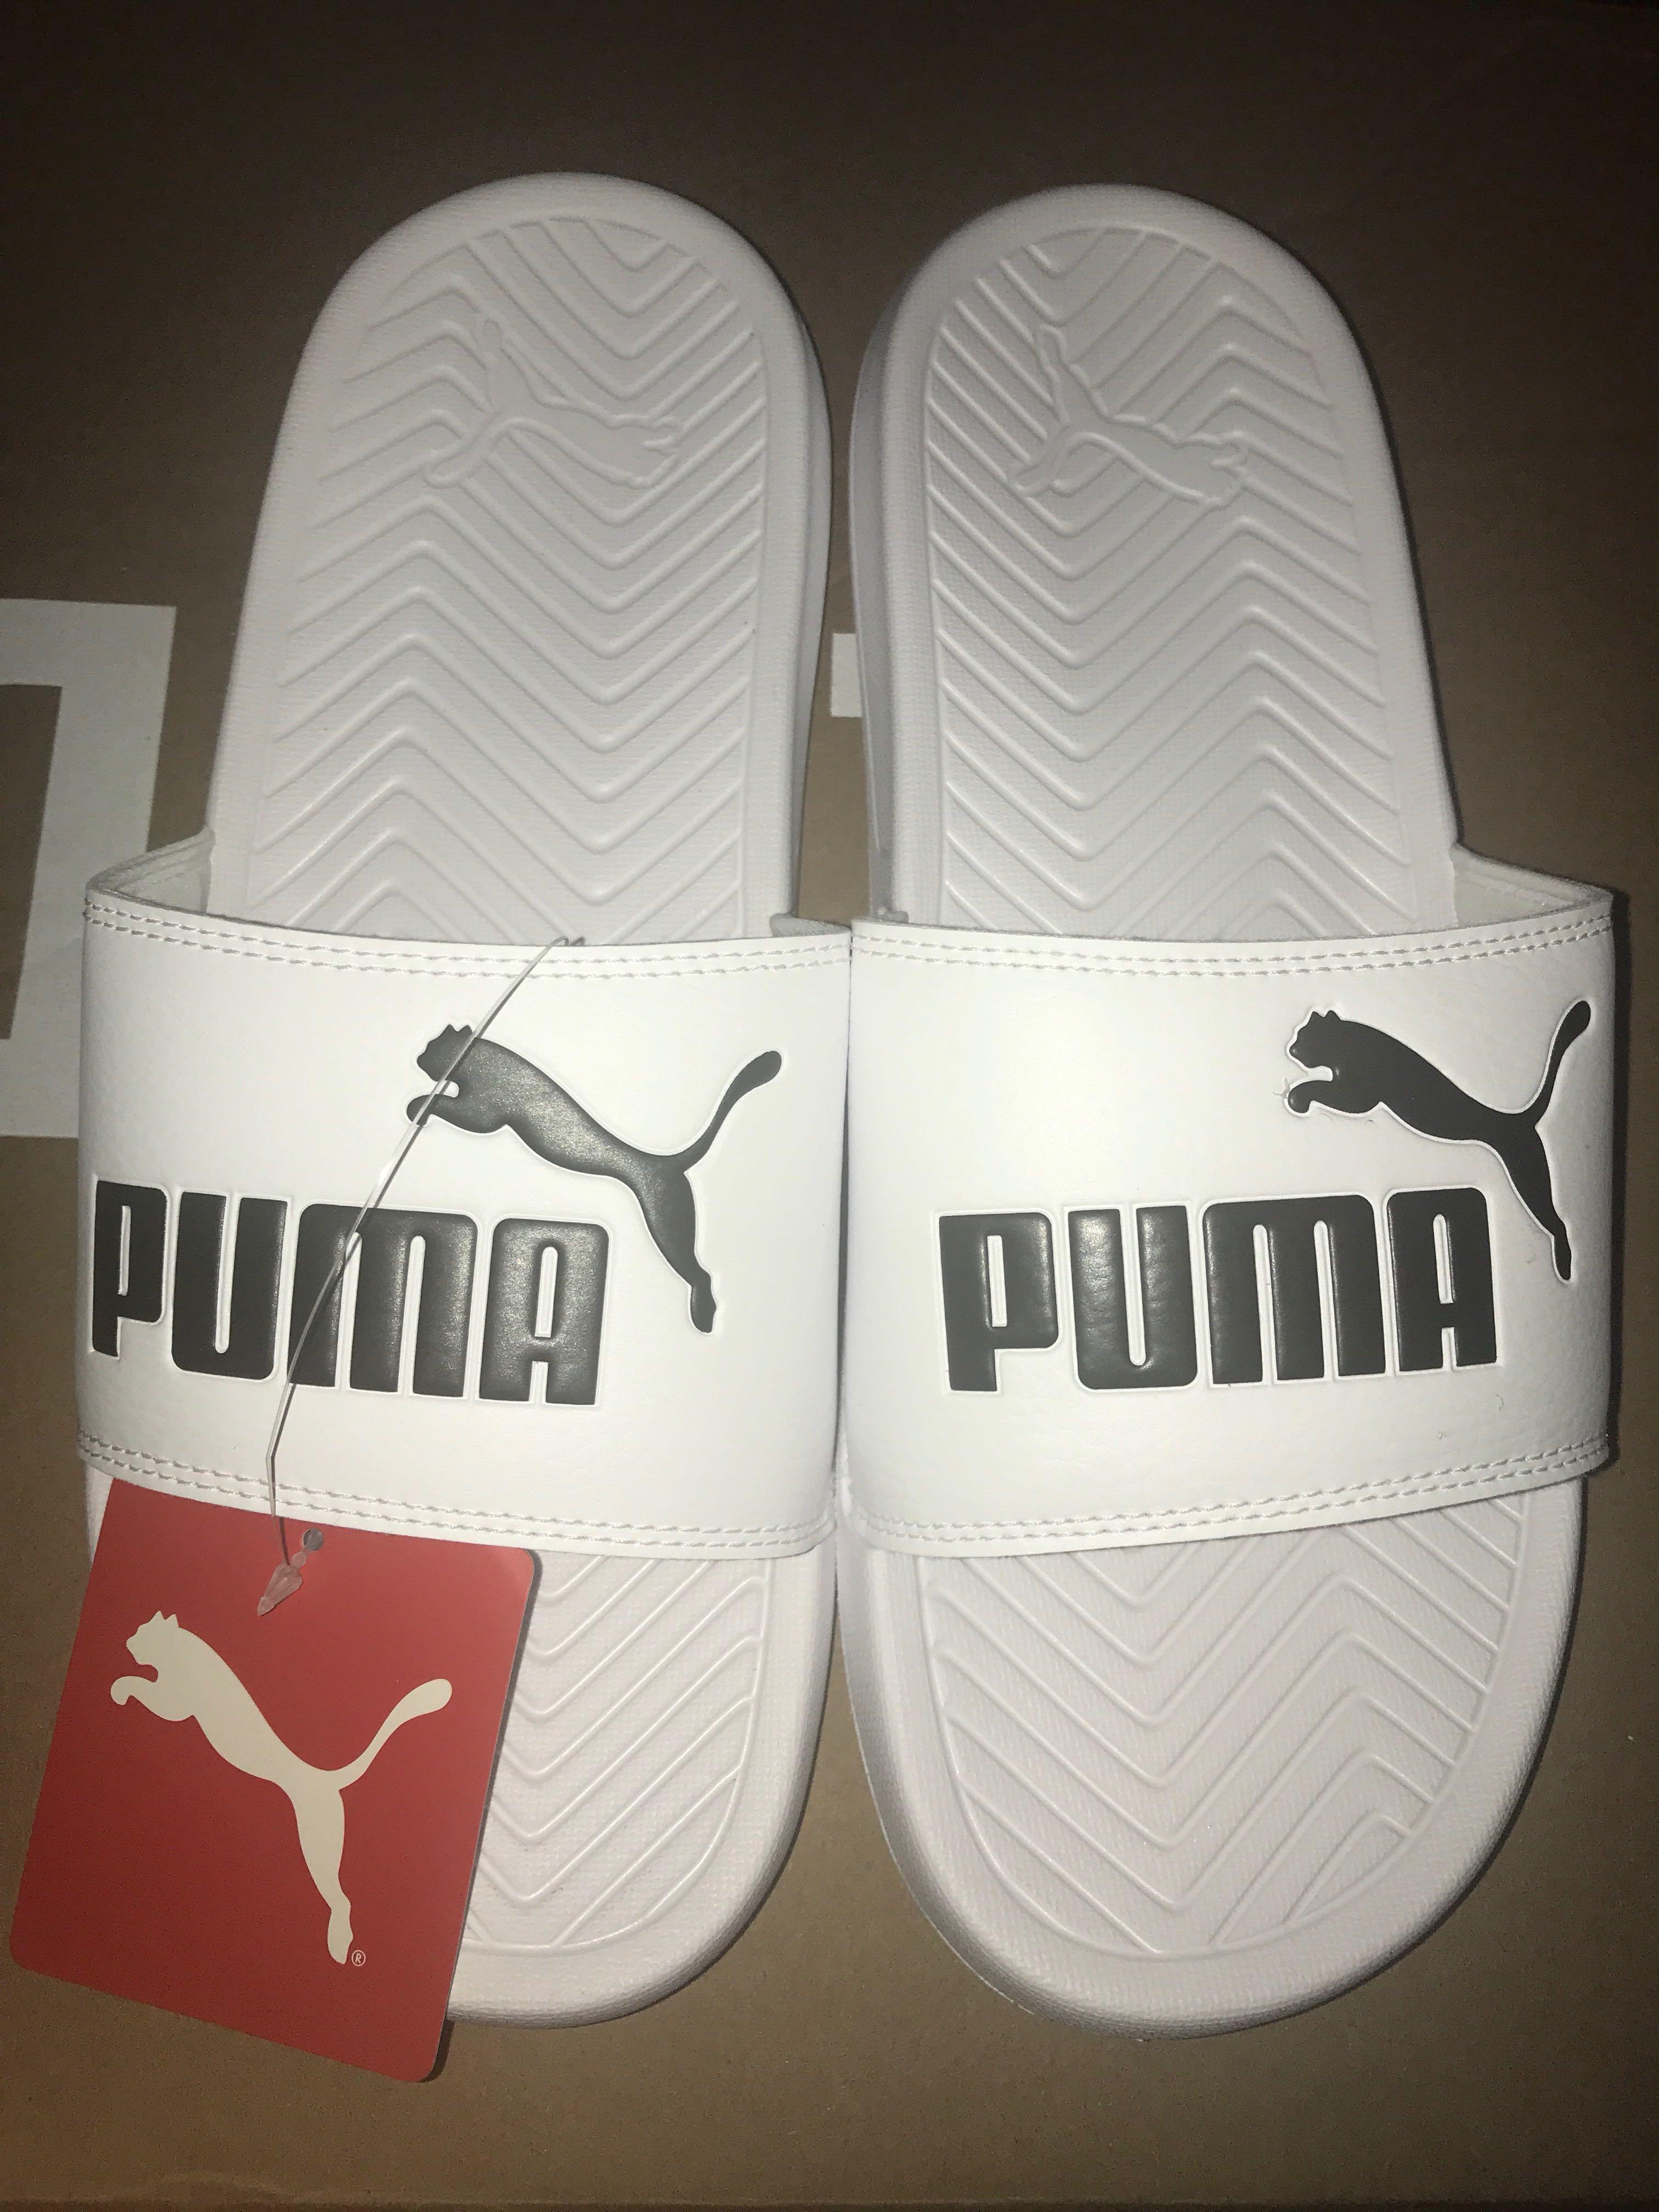 8e0a15e611f4 Puma White Popcat Slides In White